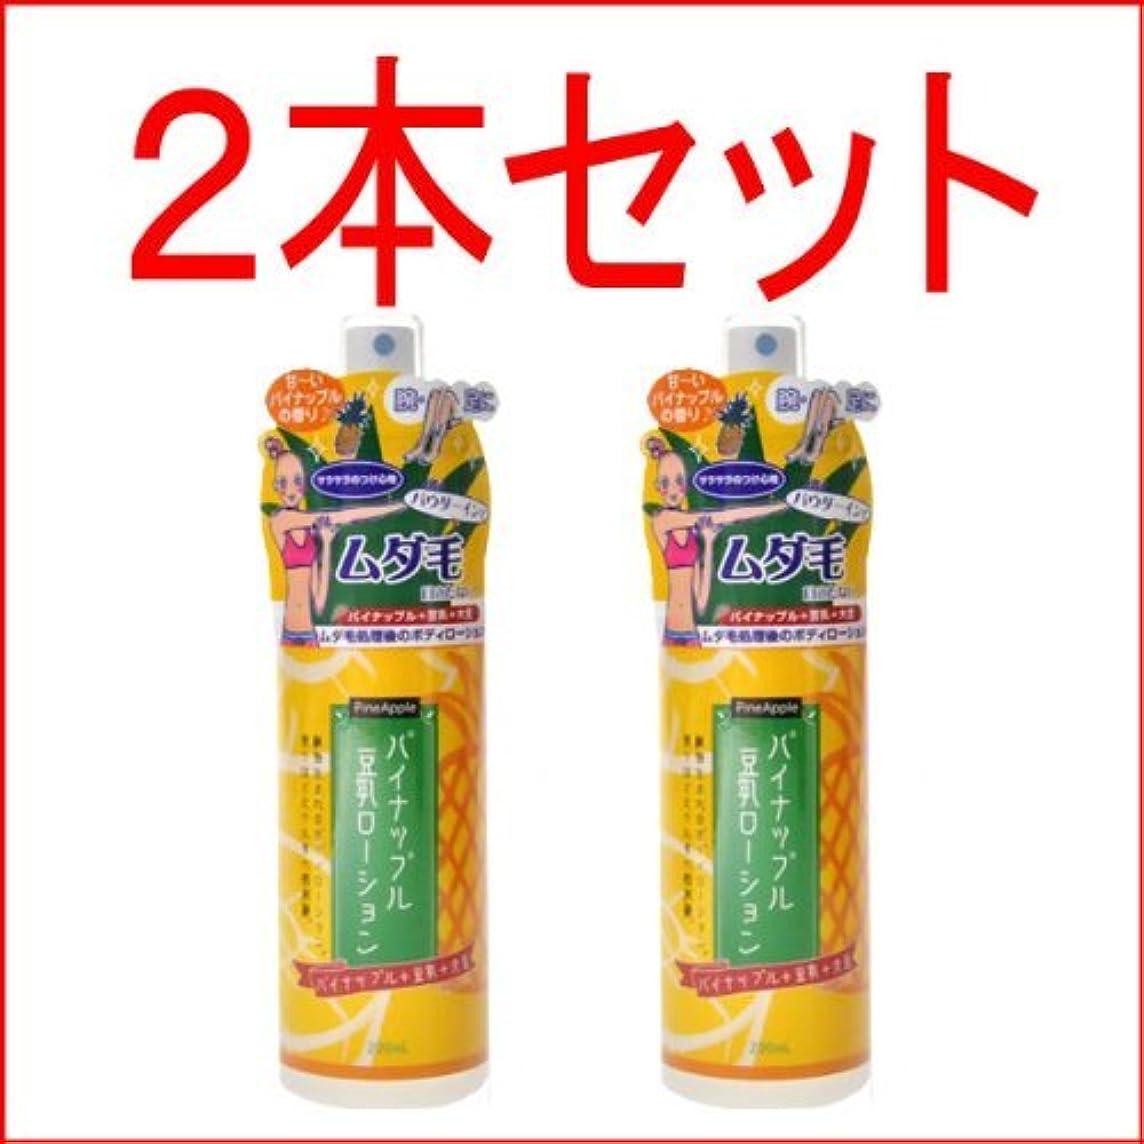 スパーク所得修正パイナップル豆乳ローション2本セット【ムダ毛処理後専用ボディーローション】